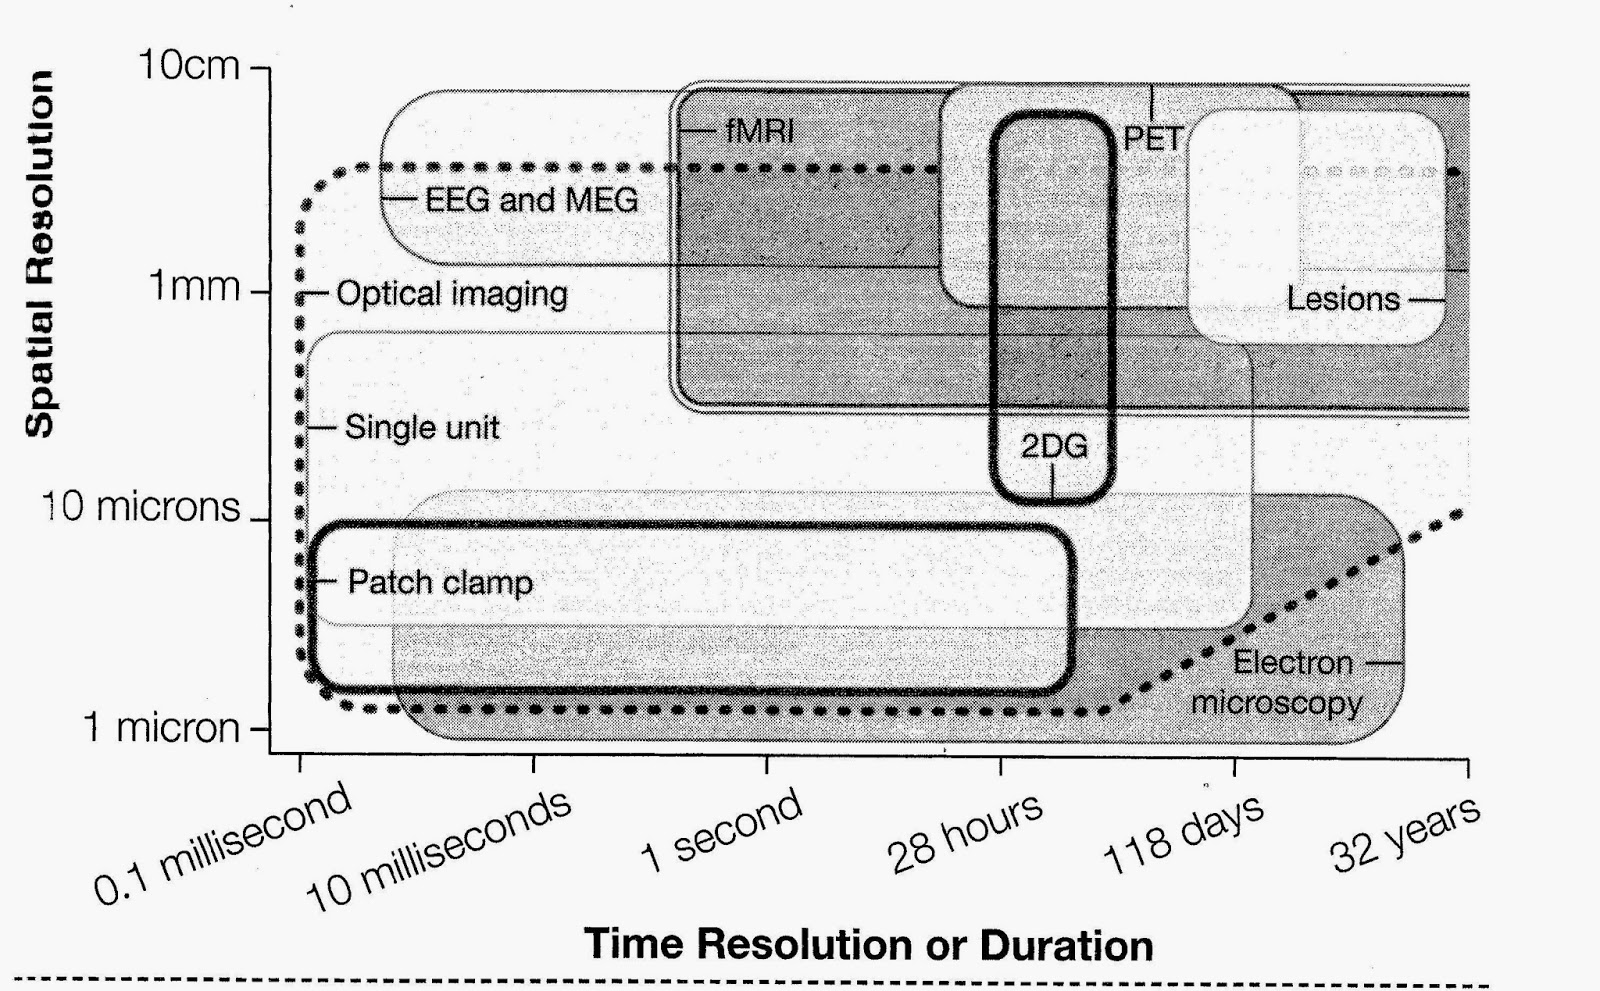 [EQHS_1162]  Kurzweil Wiring Diagram - Basic Automotive Wiring Diagrams for Wiring  Diagram Schematics | Kurzweil Wiring Diagram |  | Wiring Diagram Schematics